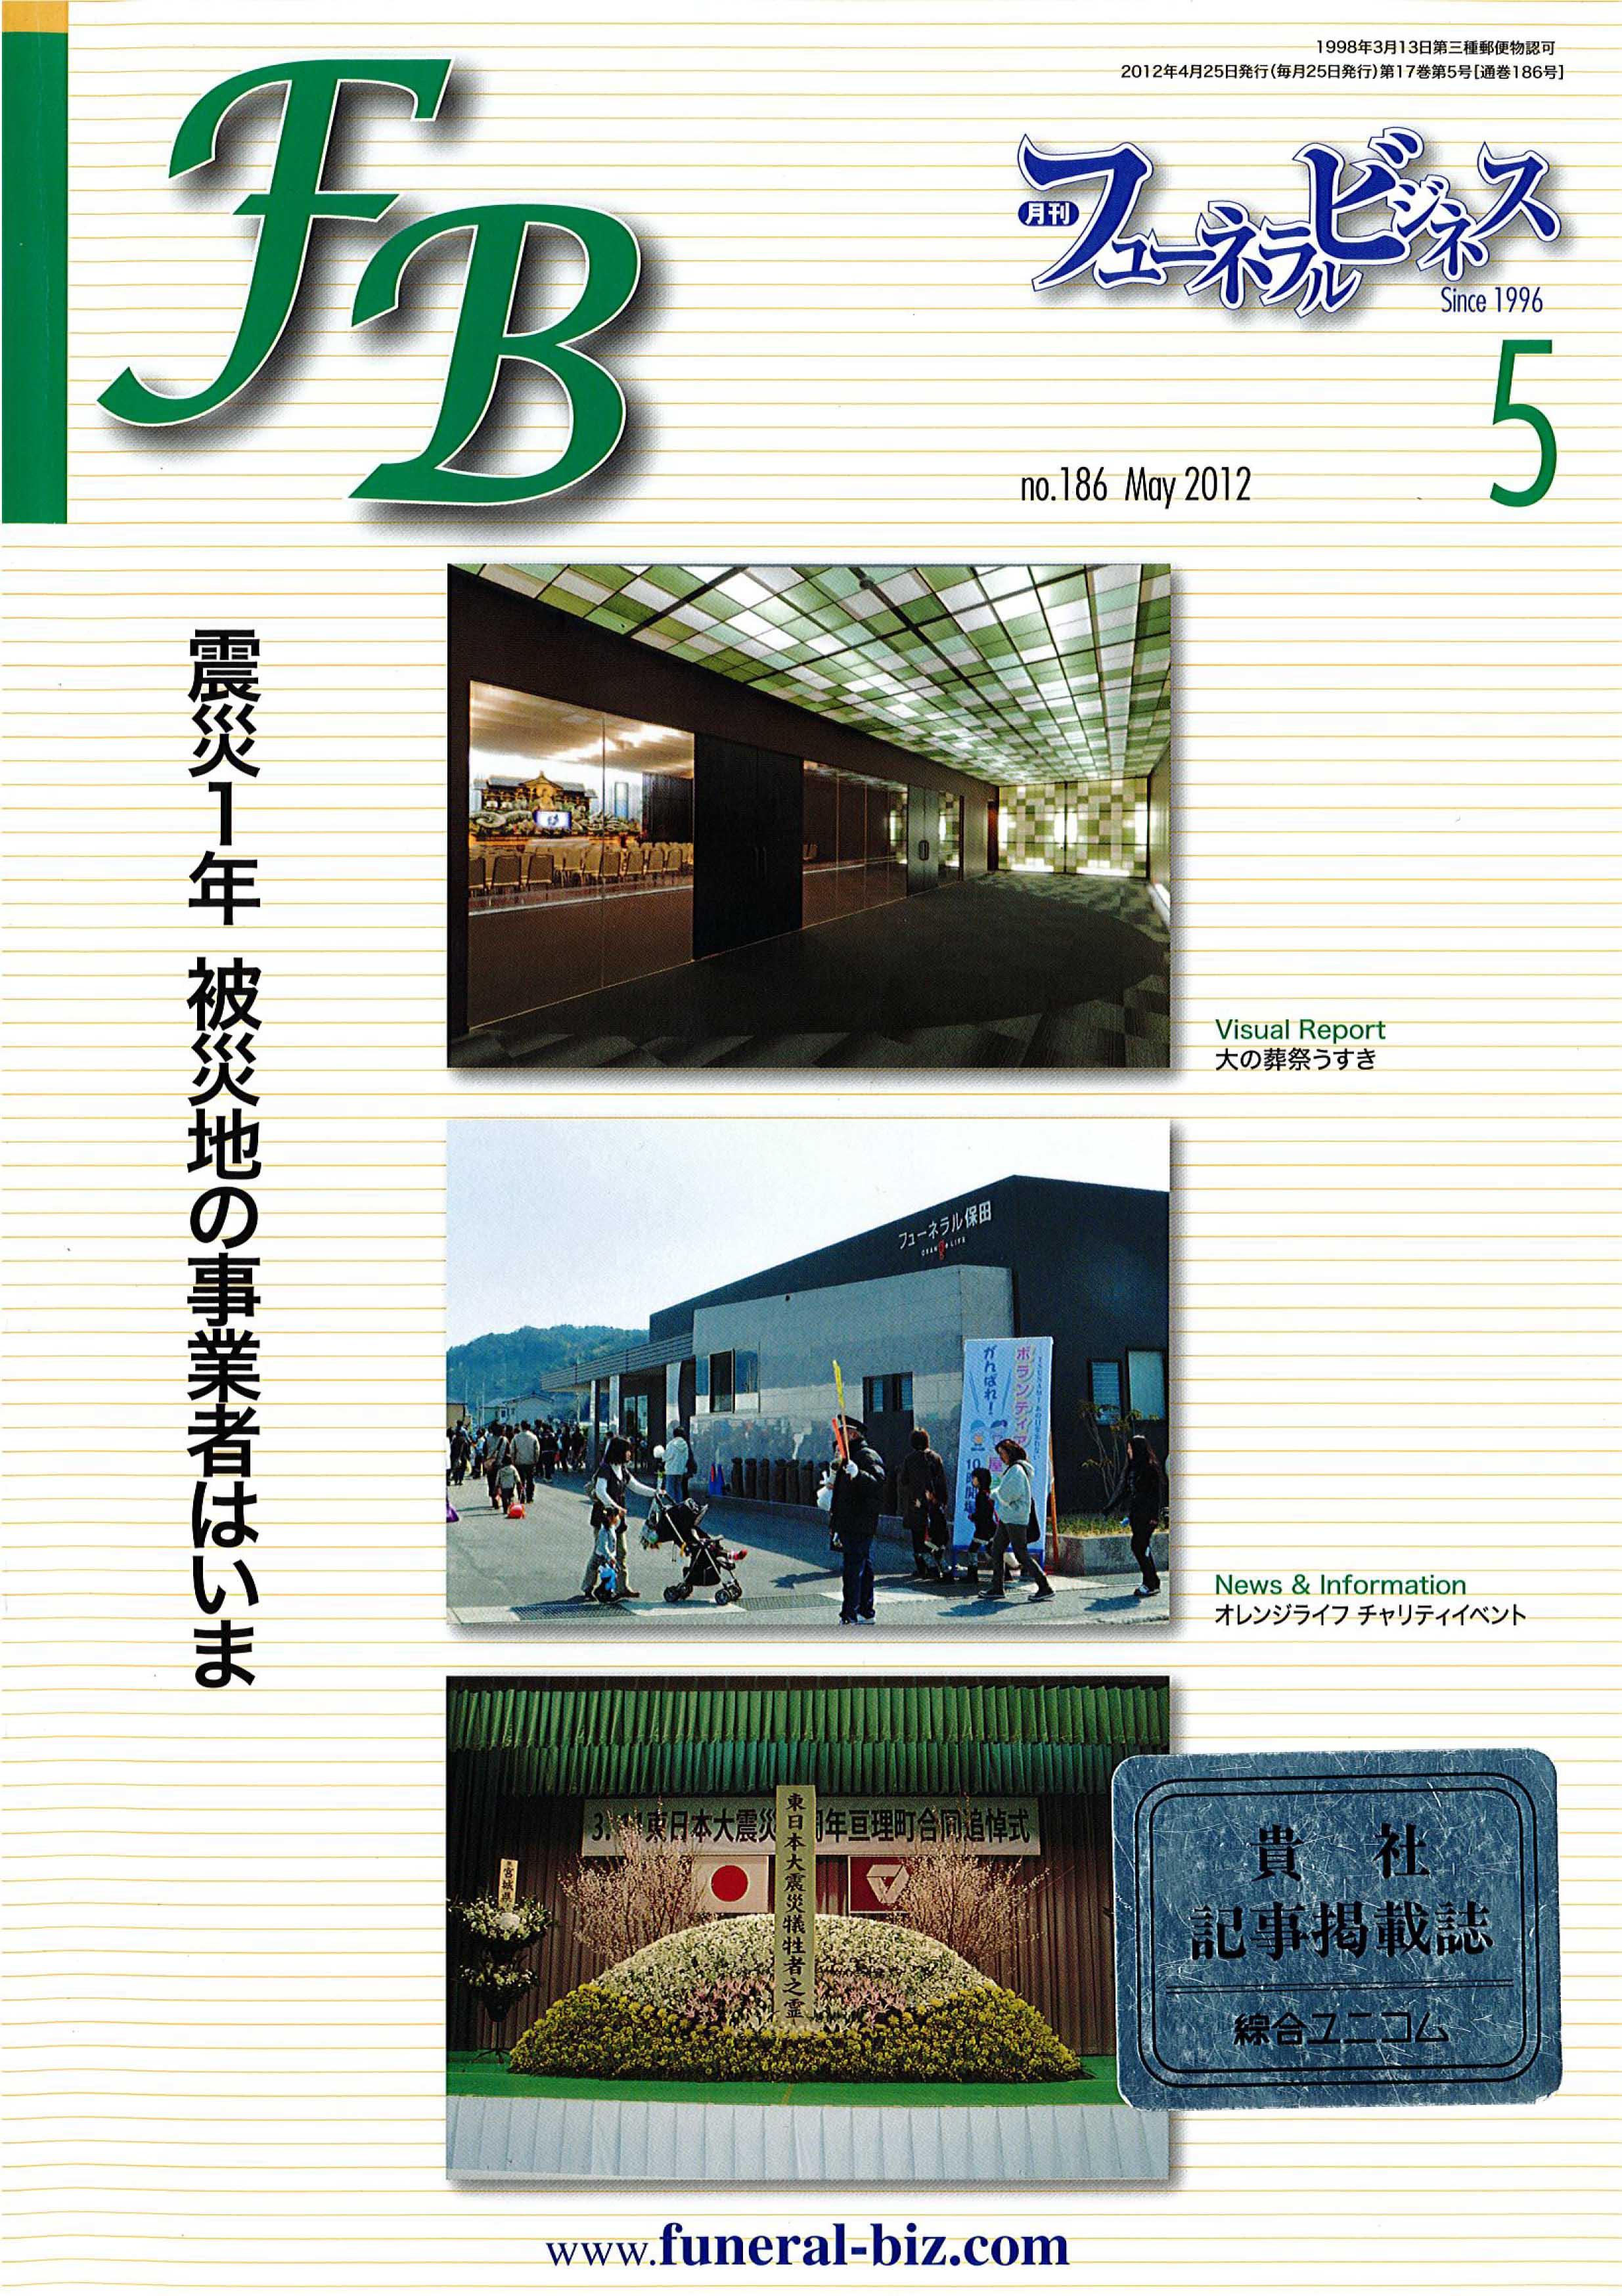 月刊フューネラルビジネス2012年5月号掲載